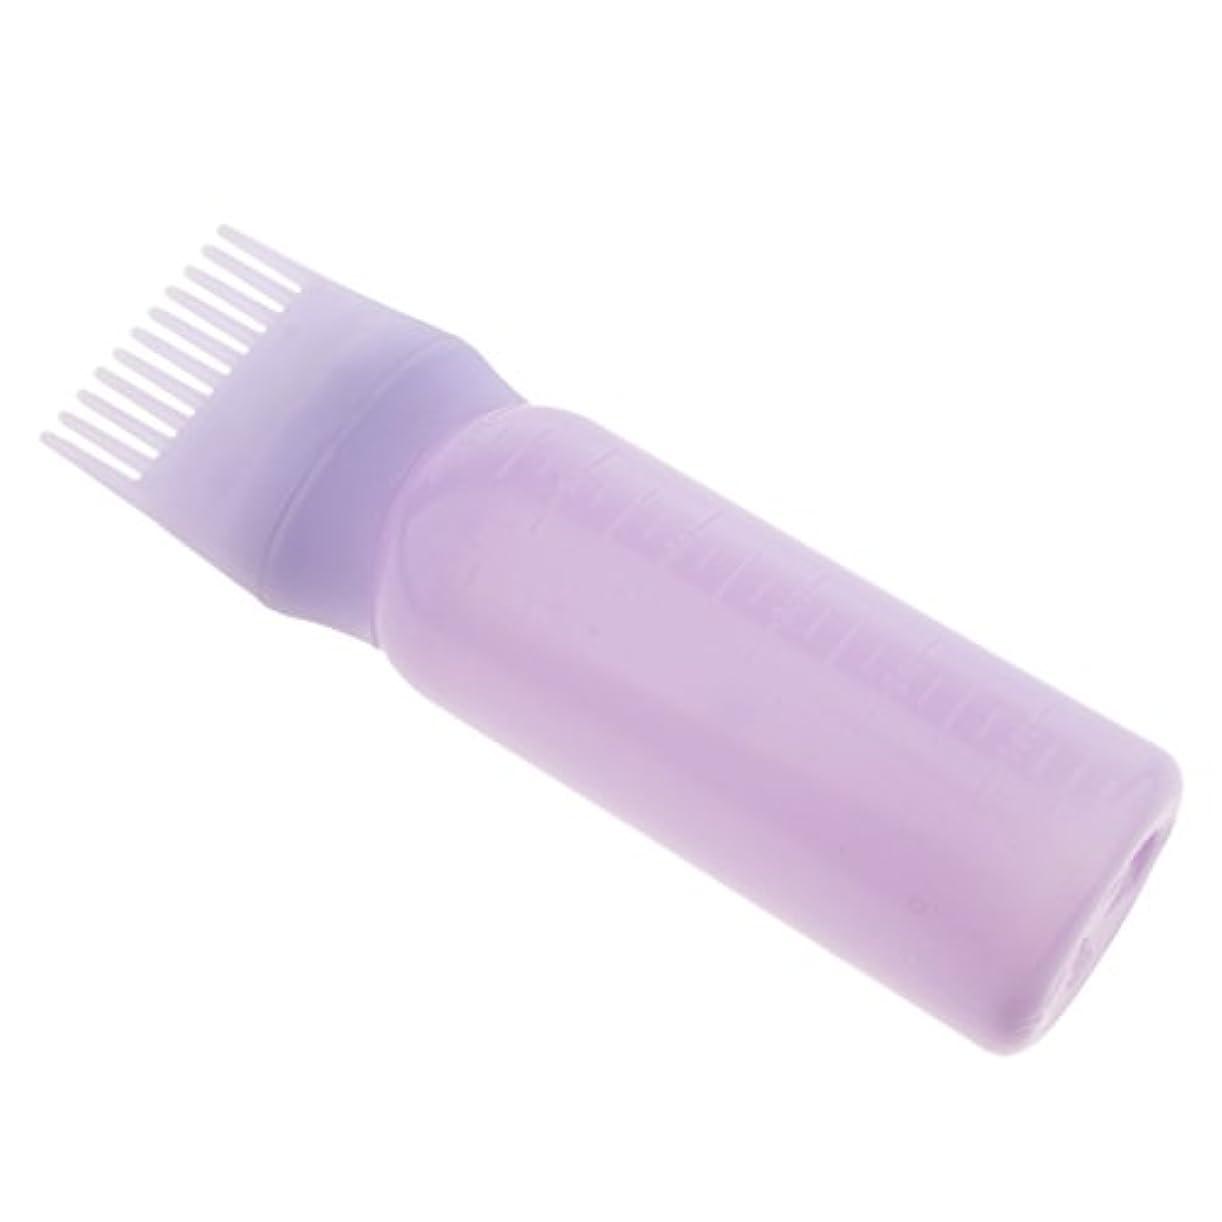 羊好奇心理論ヘアダイ ヘアカラー ボトル コーム ディスペンサー ブラシ付き 2タイプ選べる - 紫